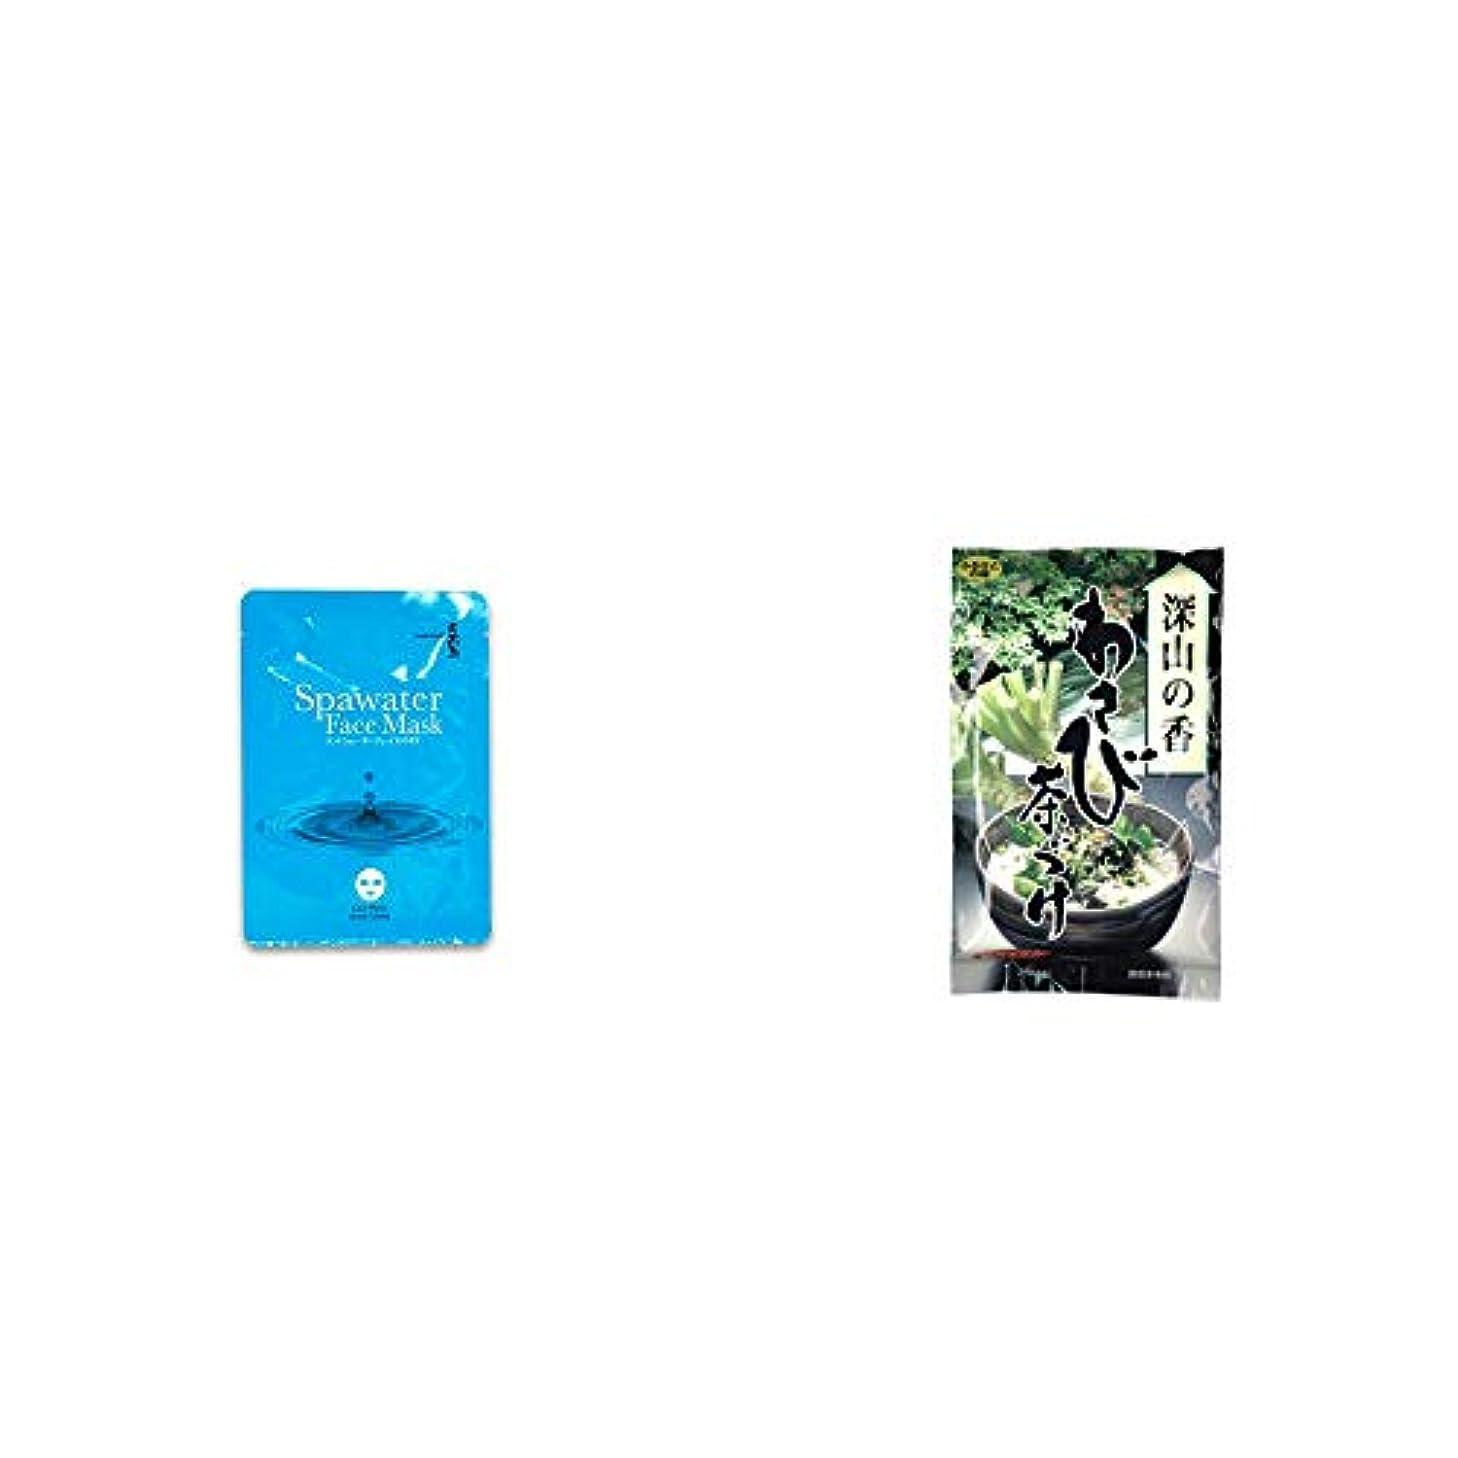 何故なのロンドン太陽[2点セット] ひのき炭黒泉 スパウォーターフェイスマスク(18ml×3枚入)?特選茶漬け 深山の香 わさび茶づけ(10袋入)